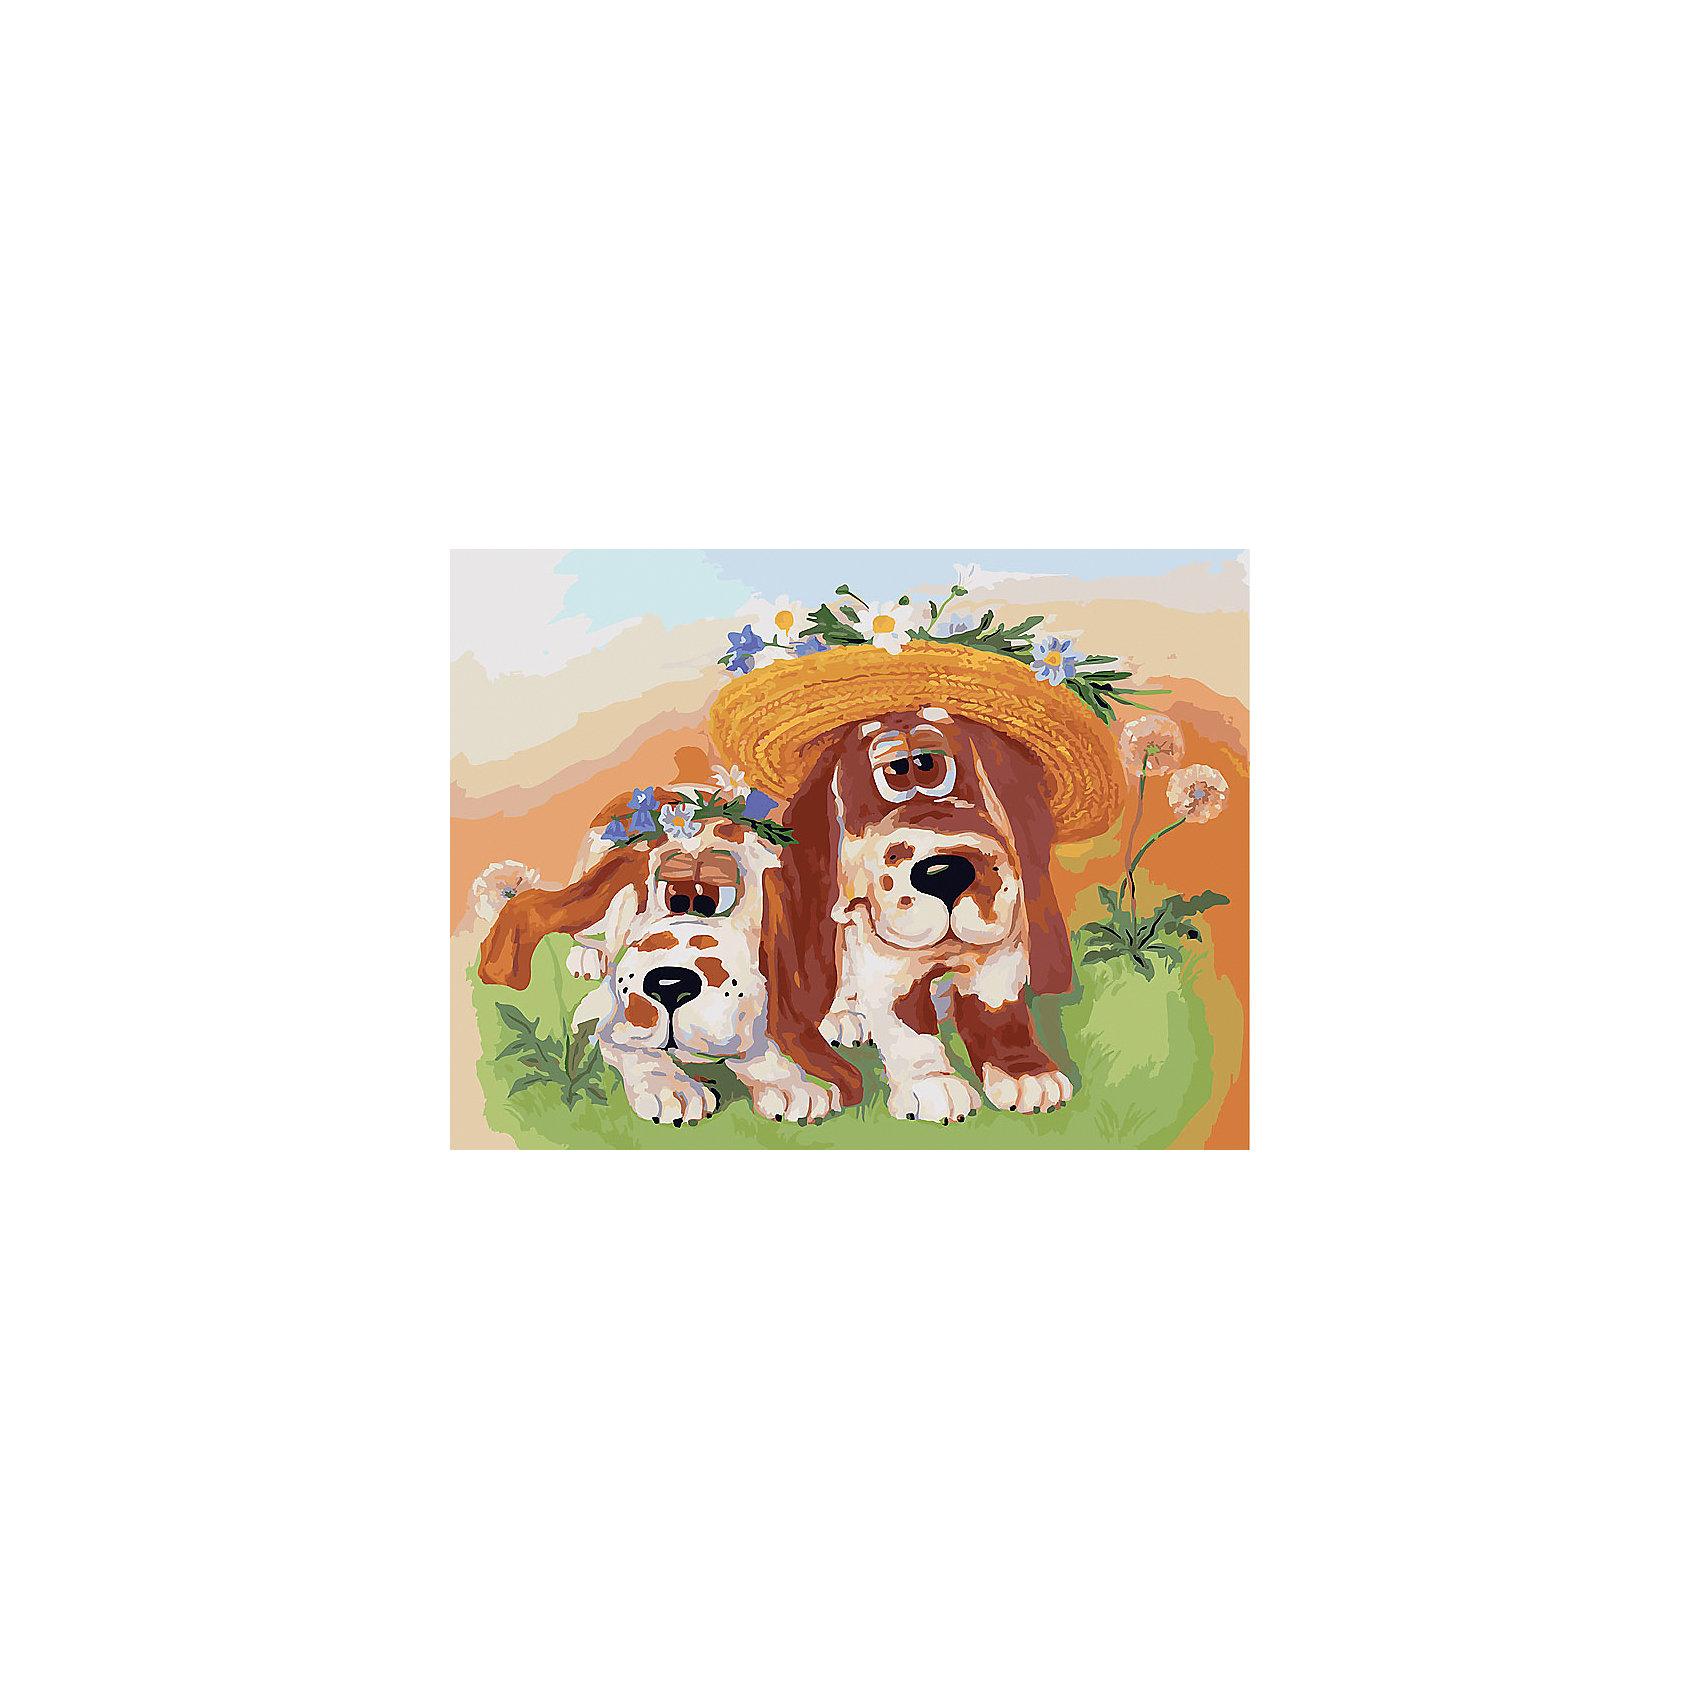 Живопись на холсте 30*40 см СобачкиХарактеристики товара:<br><br>• цвет: разноцветный<br>• материал: акрил, картон<br>• размер: 30 x 40 см<br>• комплектация: полотно на подрамнике с контурами рисунка, пробный лист с рисунком, набор акриловых красок, три кисти, крепление на стену для картины<br>• для детей от шести лет и взрослых<br>• не требует специальных навыков<br>• страна бренда: Китай<br>• страна изготовитель: Китай<br><br><br>Такой набор станет отличным подарком и для взрослого, и для ребенка! Рисование помогает развить различные навыки и просто приносит удовольствие! Чтобы вселить в ребенка уверенность в своих силах, можно предложить ему этот набор - в нем уже есть сюжет, контуры рисунка и участки с номерами, которые обозначают определенную краску из набора. Все оттенки уже готовы, задача художника - аккуратно, с помощью кисточек из набора, нанести краски на определенный участок полотна.<br>Взрослым также понравится этот процесс, рисовать можно и вместе с малышом! В итоге получается красивая картина, которой можно украсить интерьер. Рисование способствует развитию мелкой моторики, воображения, цветовосприятия, творческих способностей и усидчивости. Набор отлично проработан, сделан из качественных и проверенных материалов, которые безопасны для детей. Краски - акриловые, они быстро сохнут и легко смываются с кожи.<br><br>Живопись на холсте 30*40 см Собачки от торговой марки Белоснежка можно купить в нашем интернет-магазине.<br><br>Ширина мм: 410<br>Глубина мм: 310<br>Высота мм: 25<br>Вес г: 567<br>Возраст от месяцев: 72<br>Возраст до месяцев: 144<br>Пол: Унисекс<br>Возраст: Детский<br>SKU: 5089705